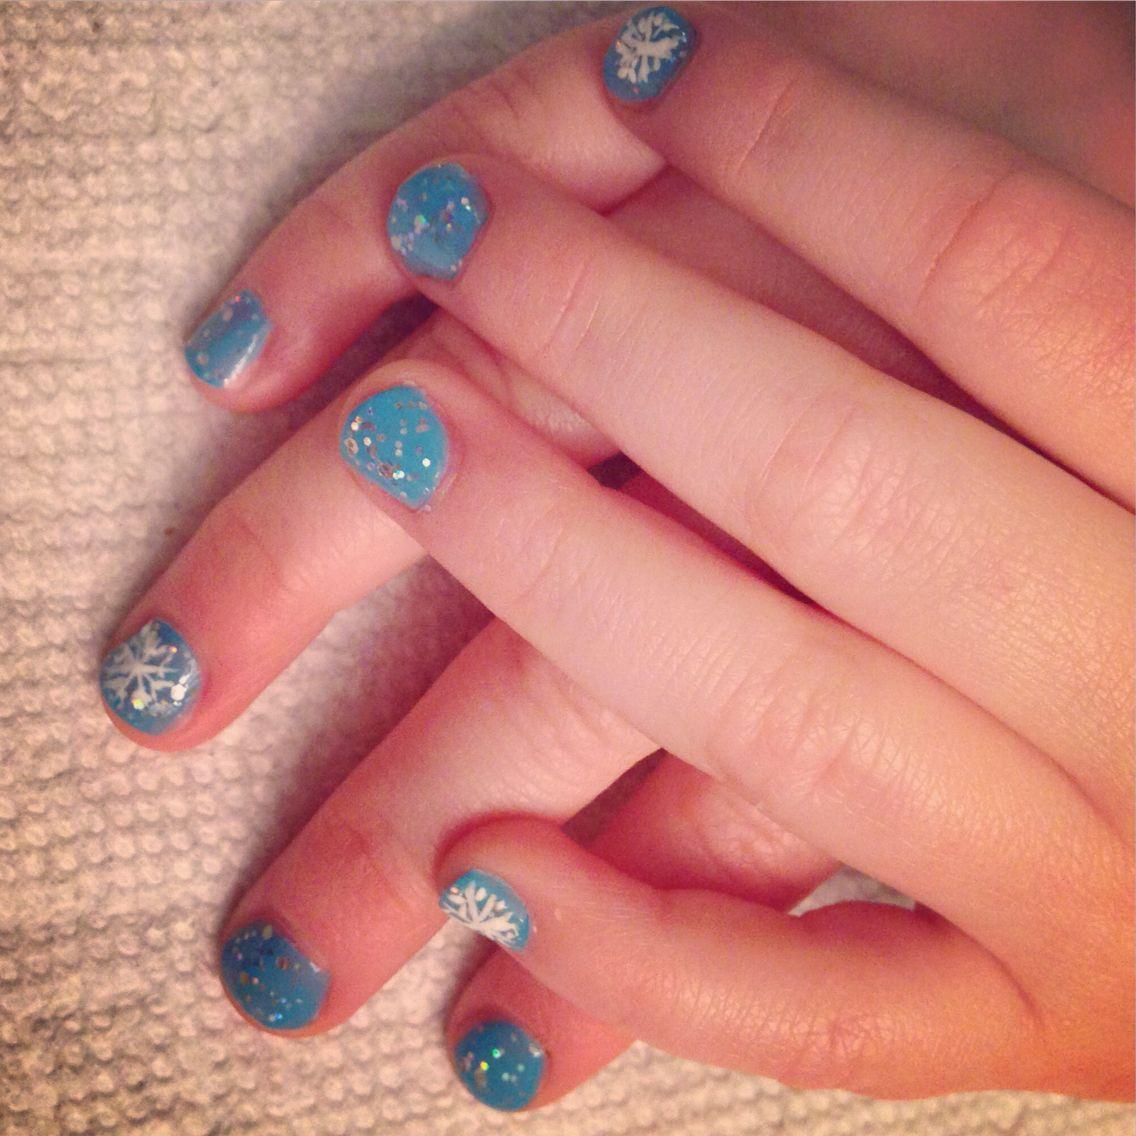 Frozen Nail Design For Little Girl